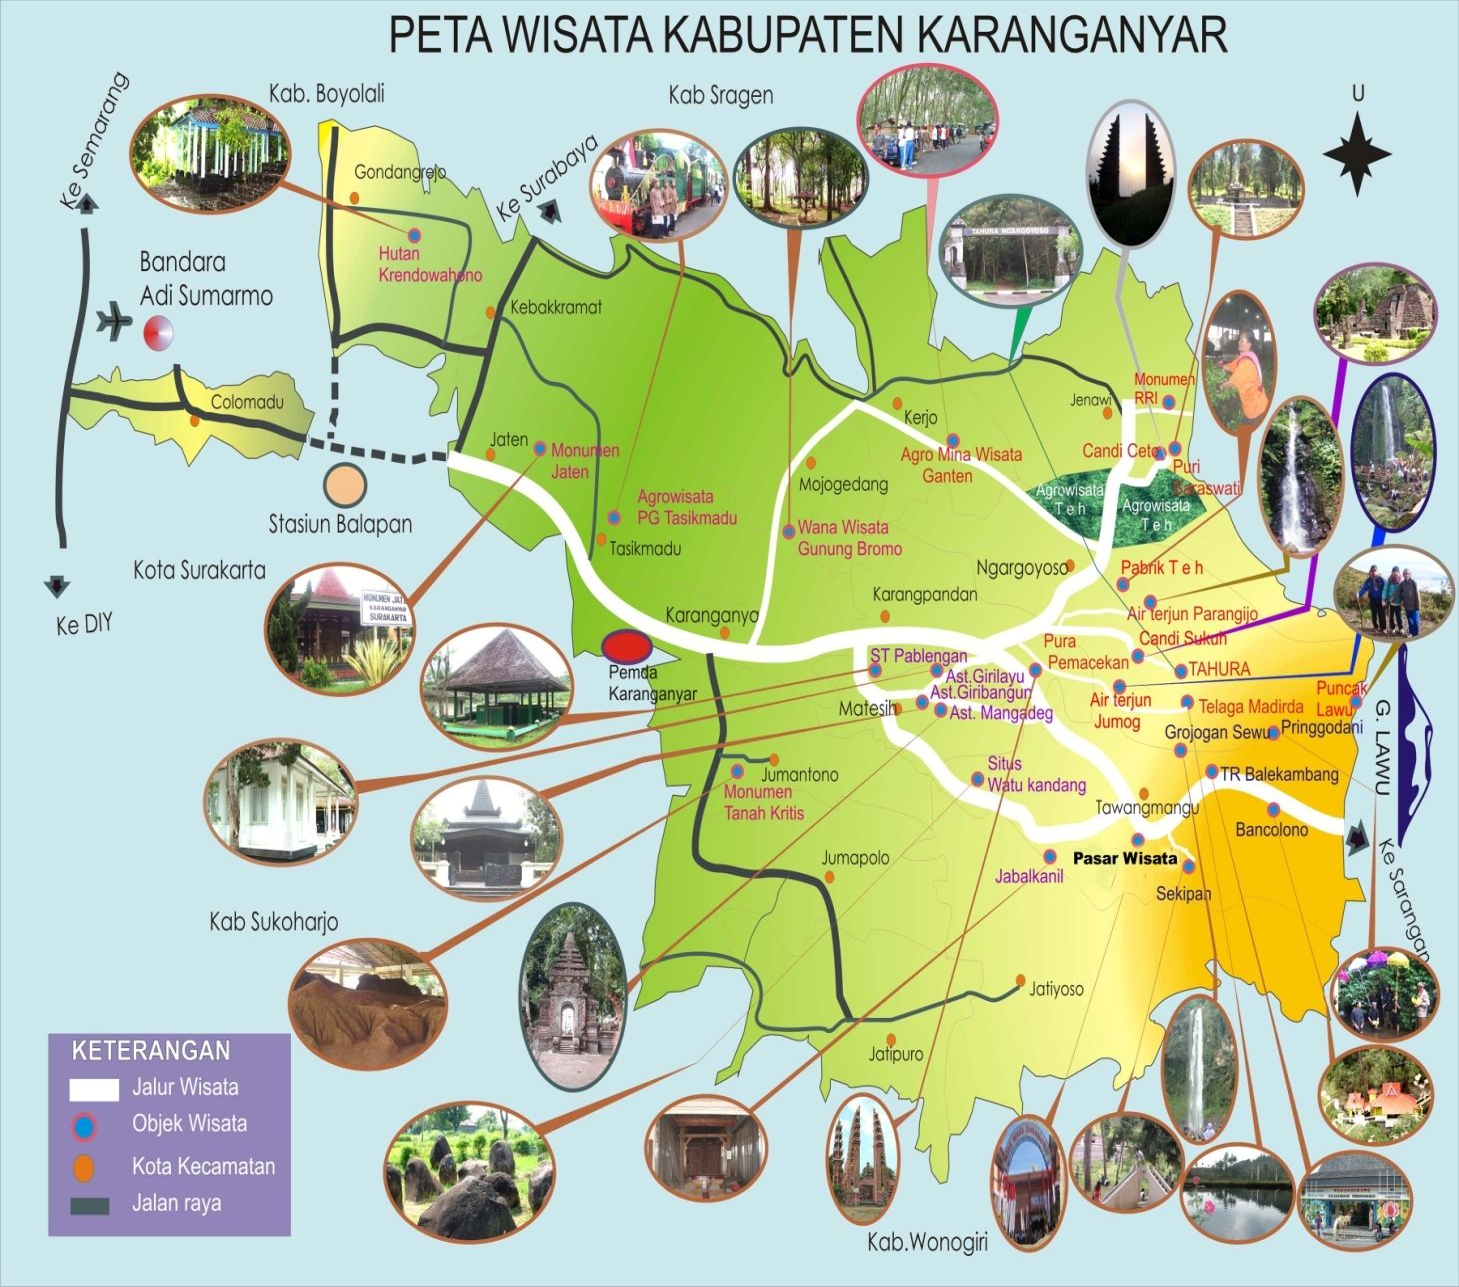 Kabupaten Karanganyar Peta Wisata Karanganyar